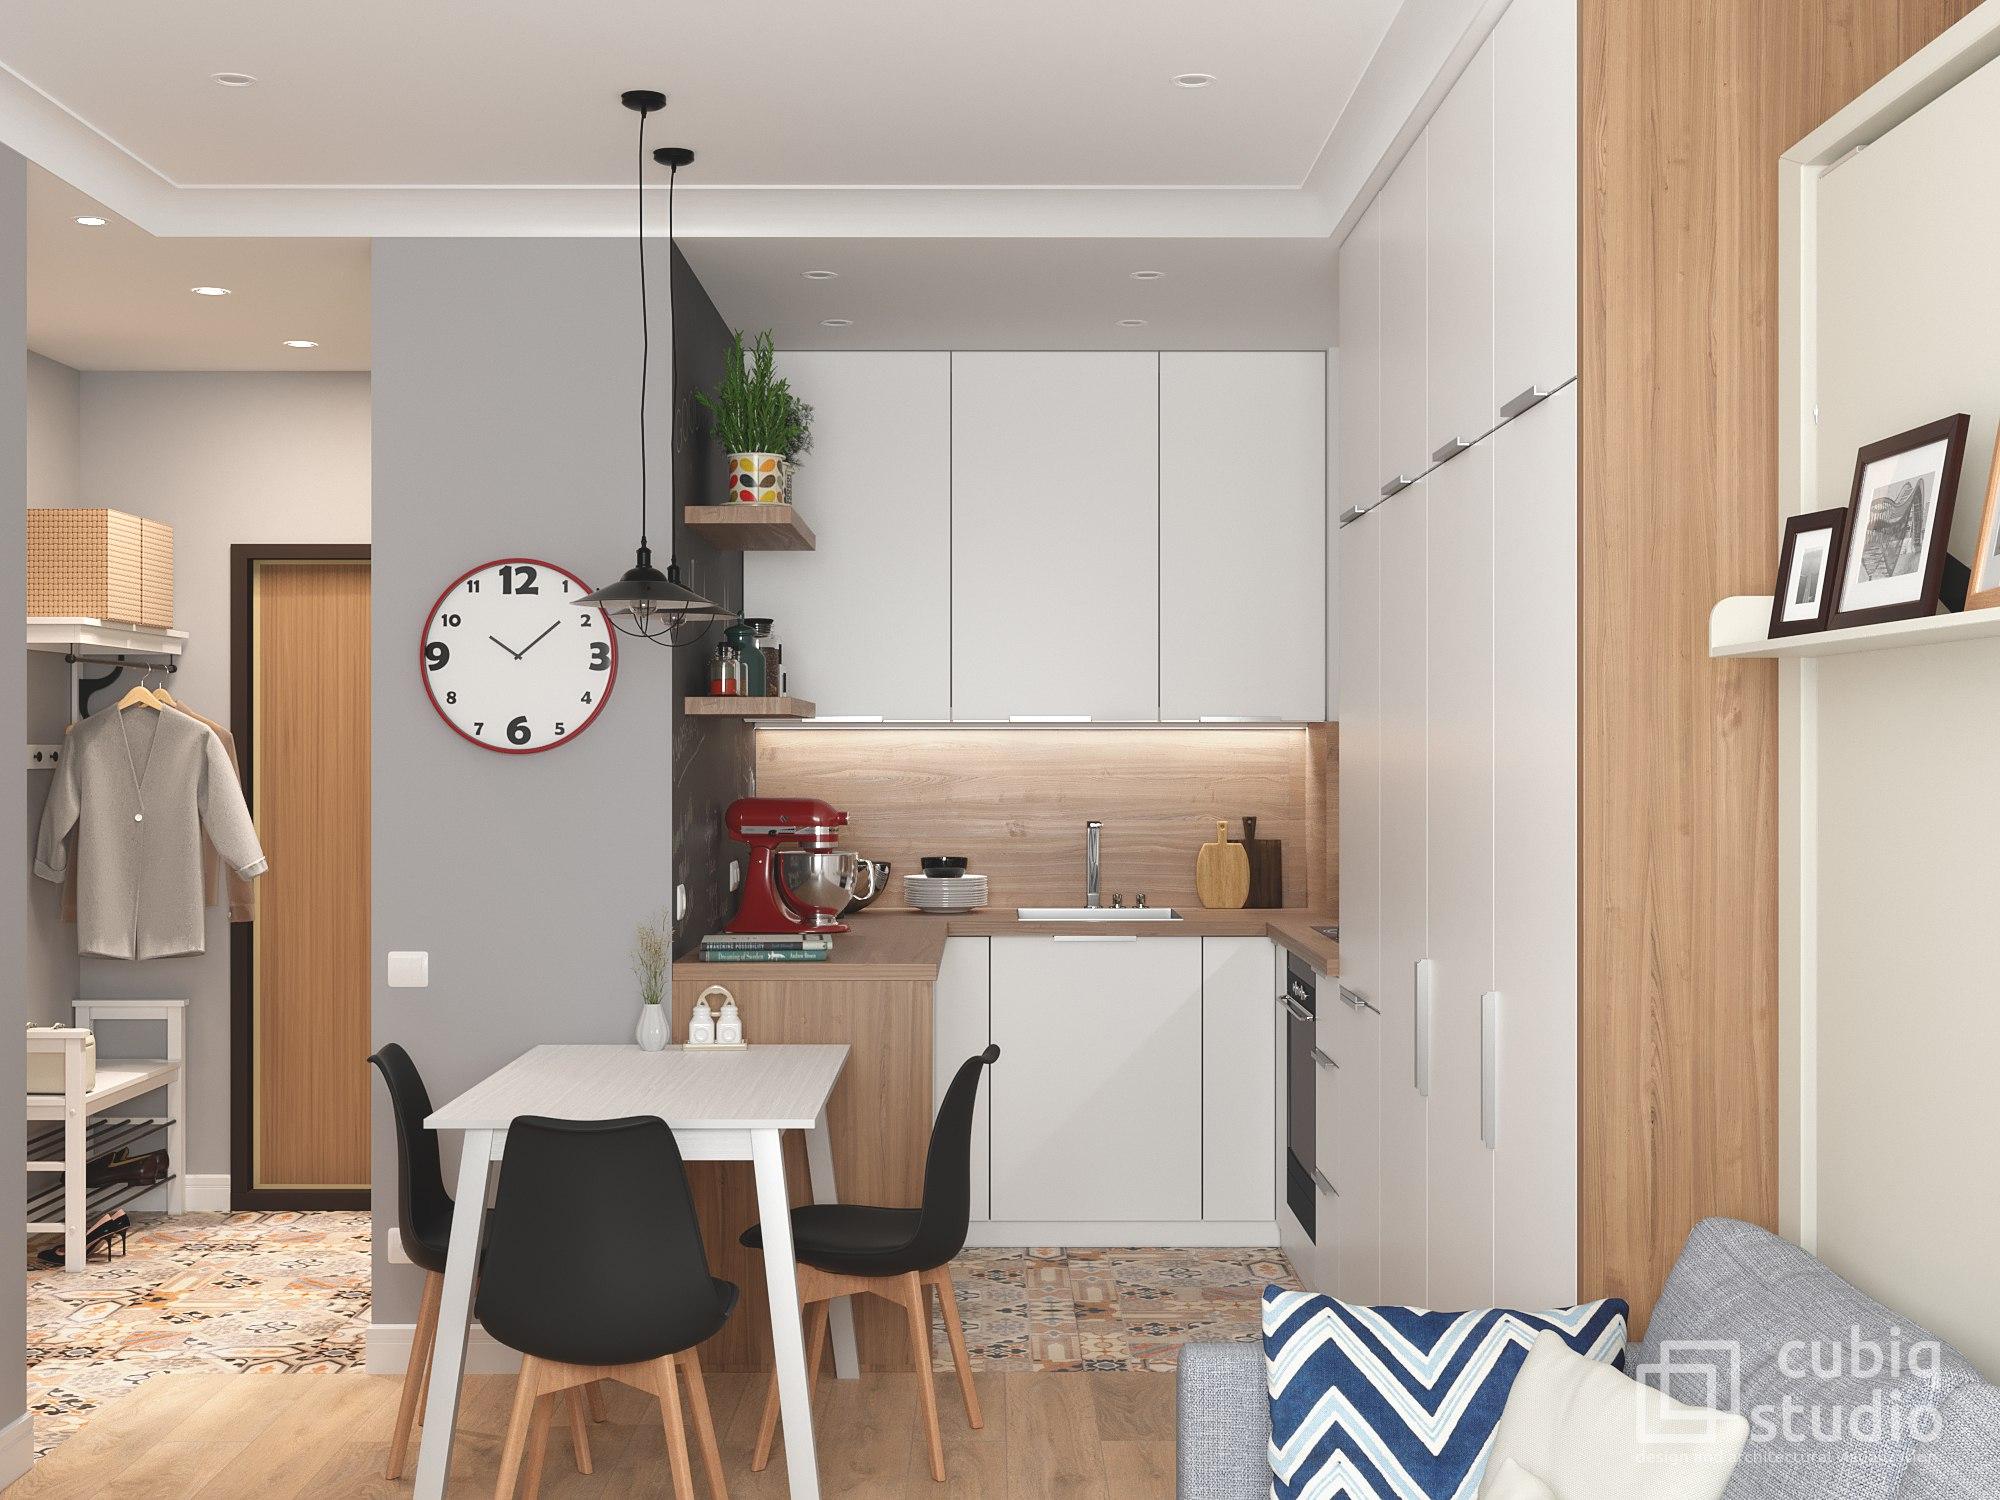 Проект однокомнатной квартиры общей площадью 35 кв м для семьи с двумя детьми.